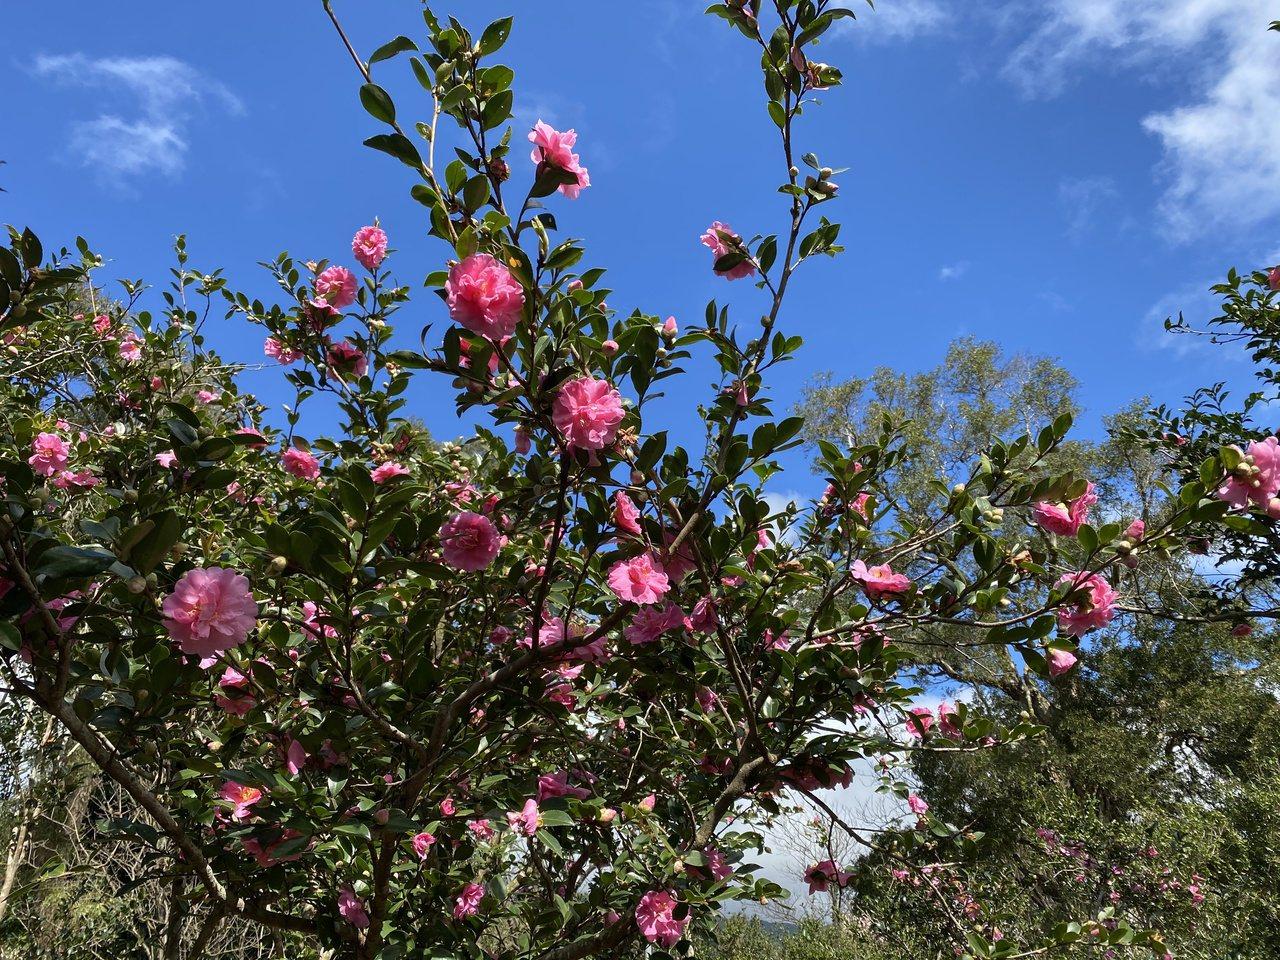 花卉試驗中心園區著名的茶花開始綻放。 圖/楊正海 攝影